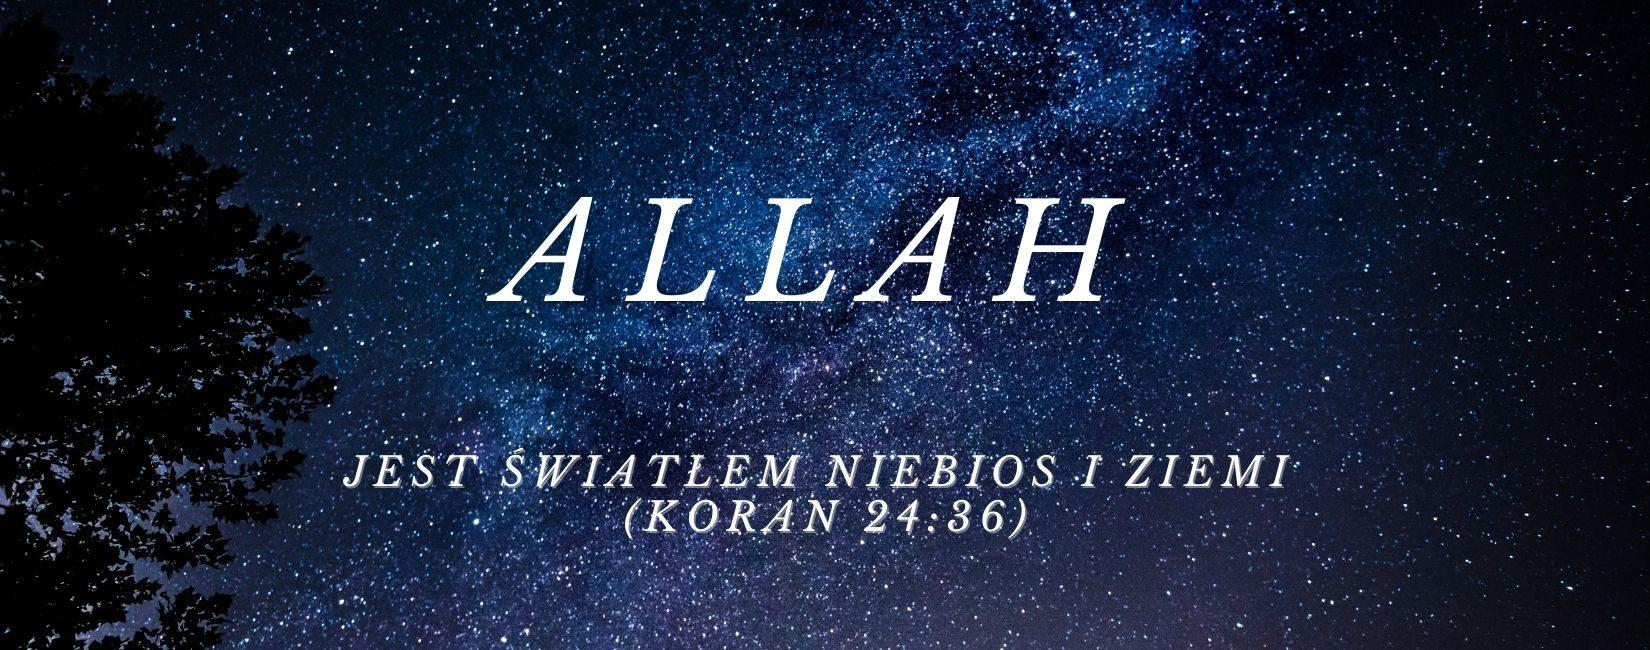 Allah - imieniem Jednej, Najwyższej Istoty